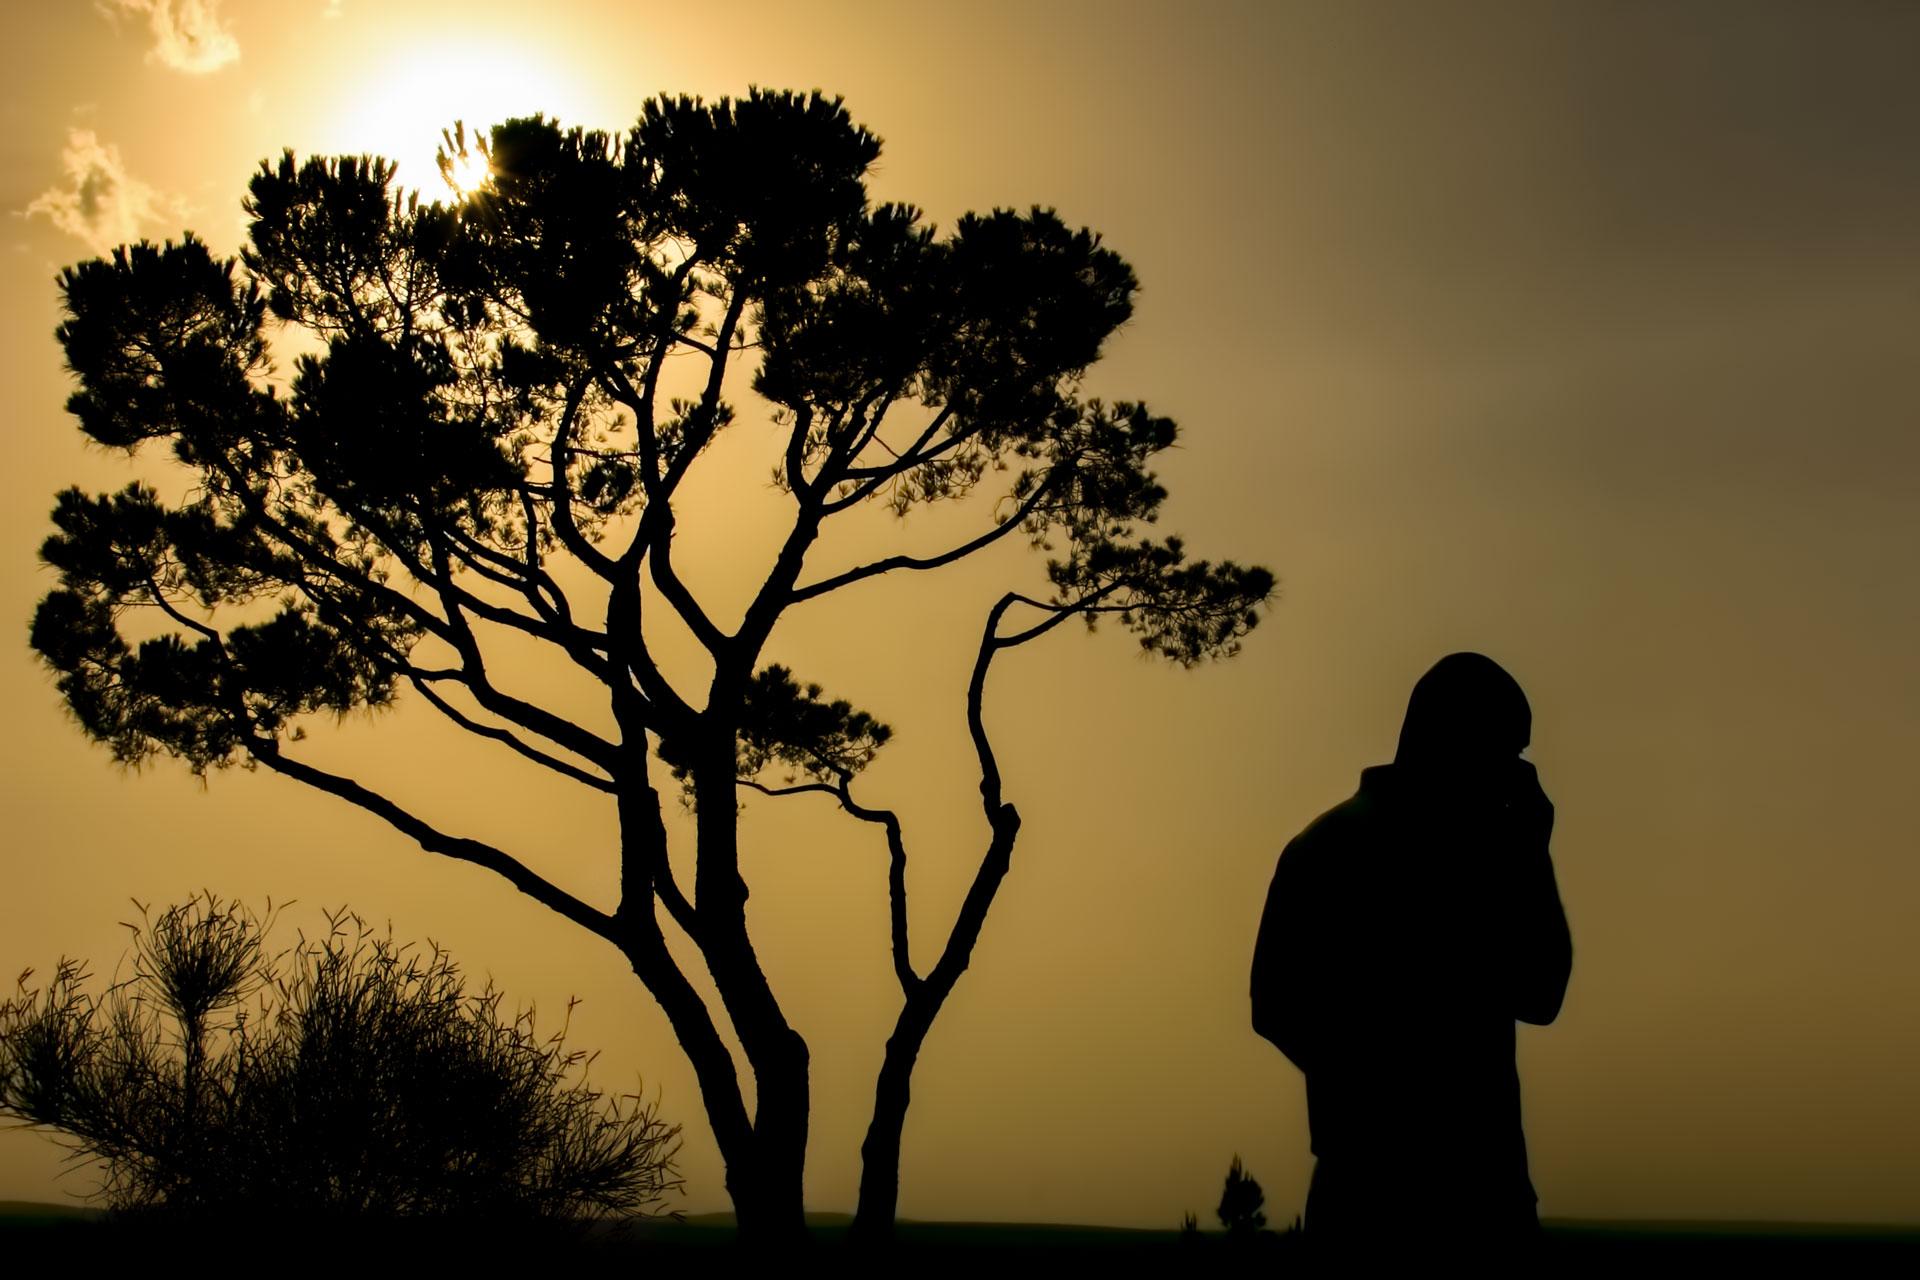 Bari Fotoğrafları Italya Gezilecek Yerler Çekergezer Hakan Aydın Gezgin Fotoğrafçı www.cekergezer.com www.cekergezer.com